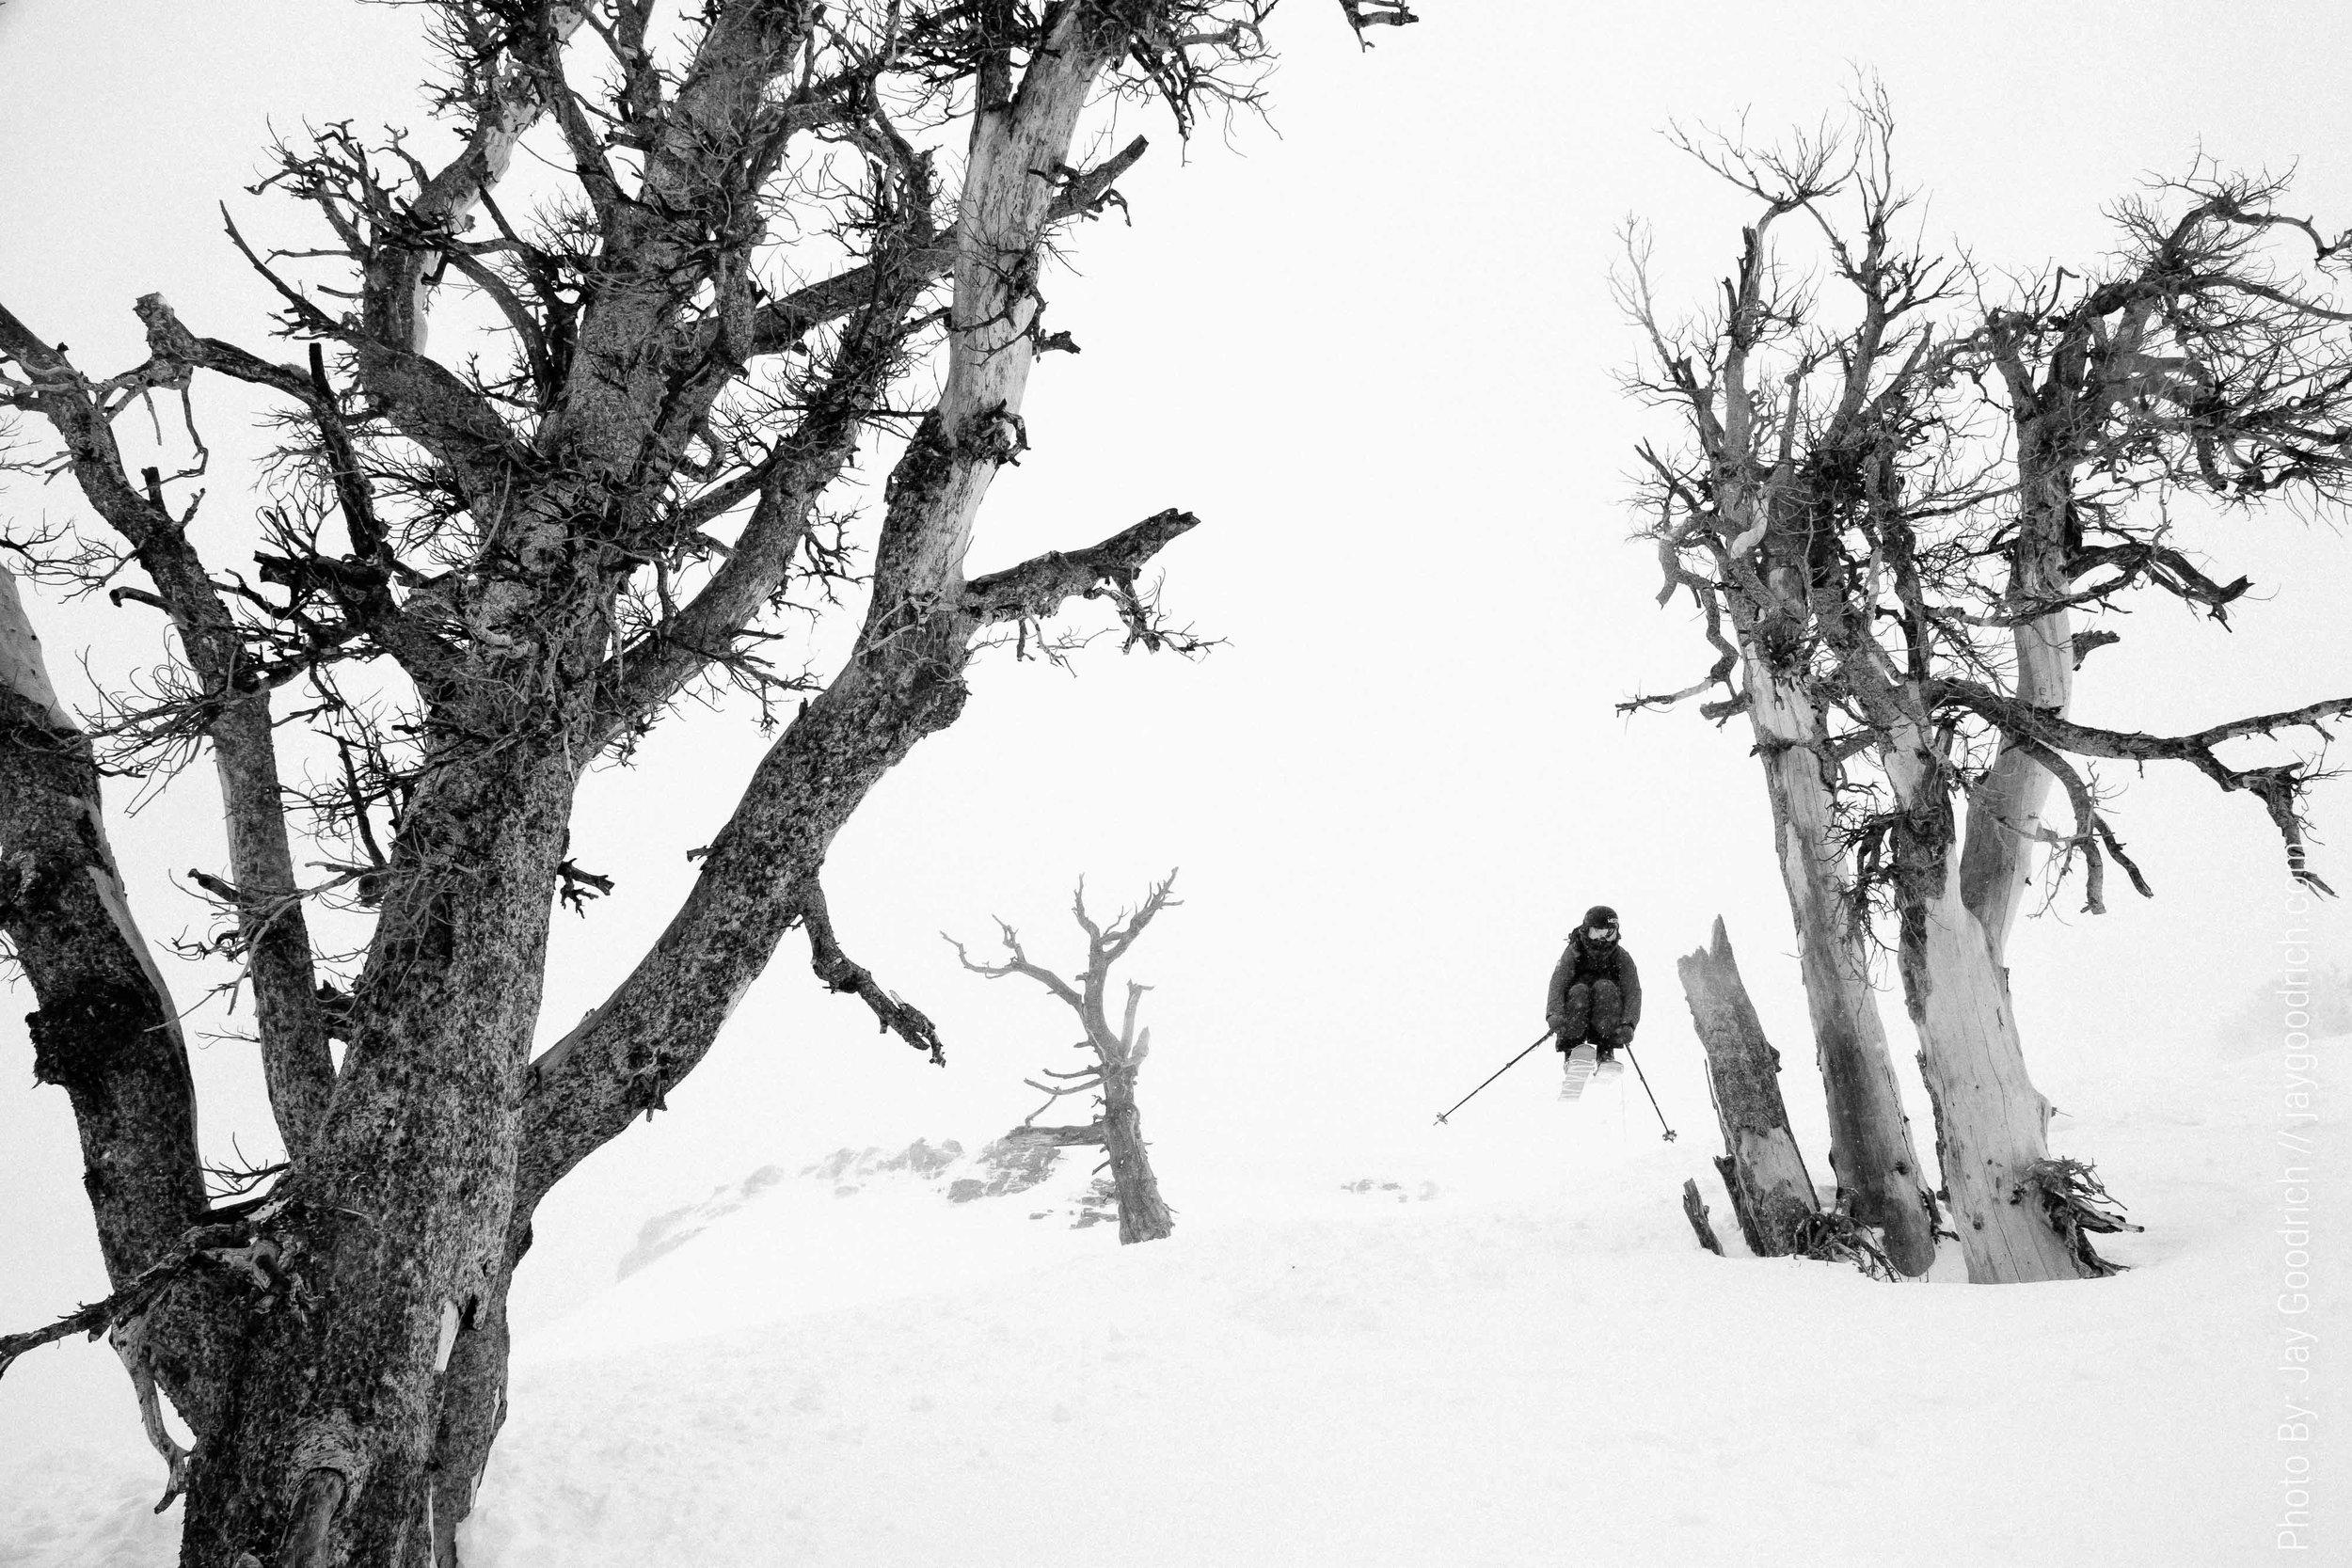 skiing-tetons-wyoming-7521.jpg